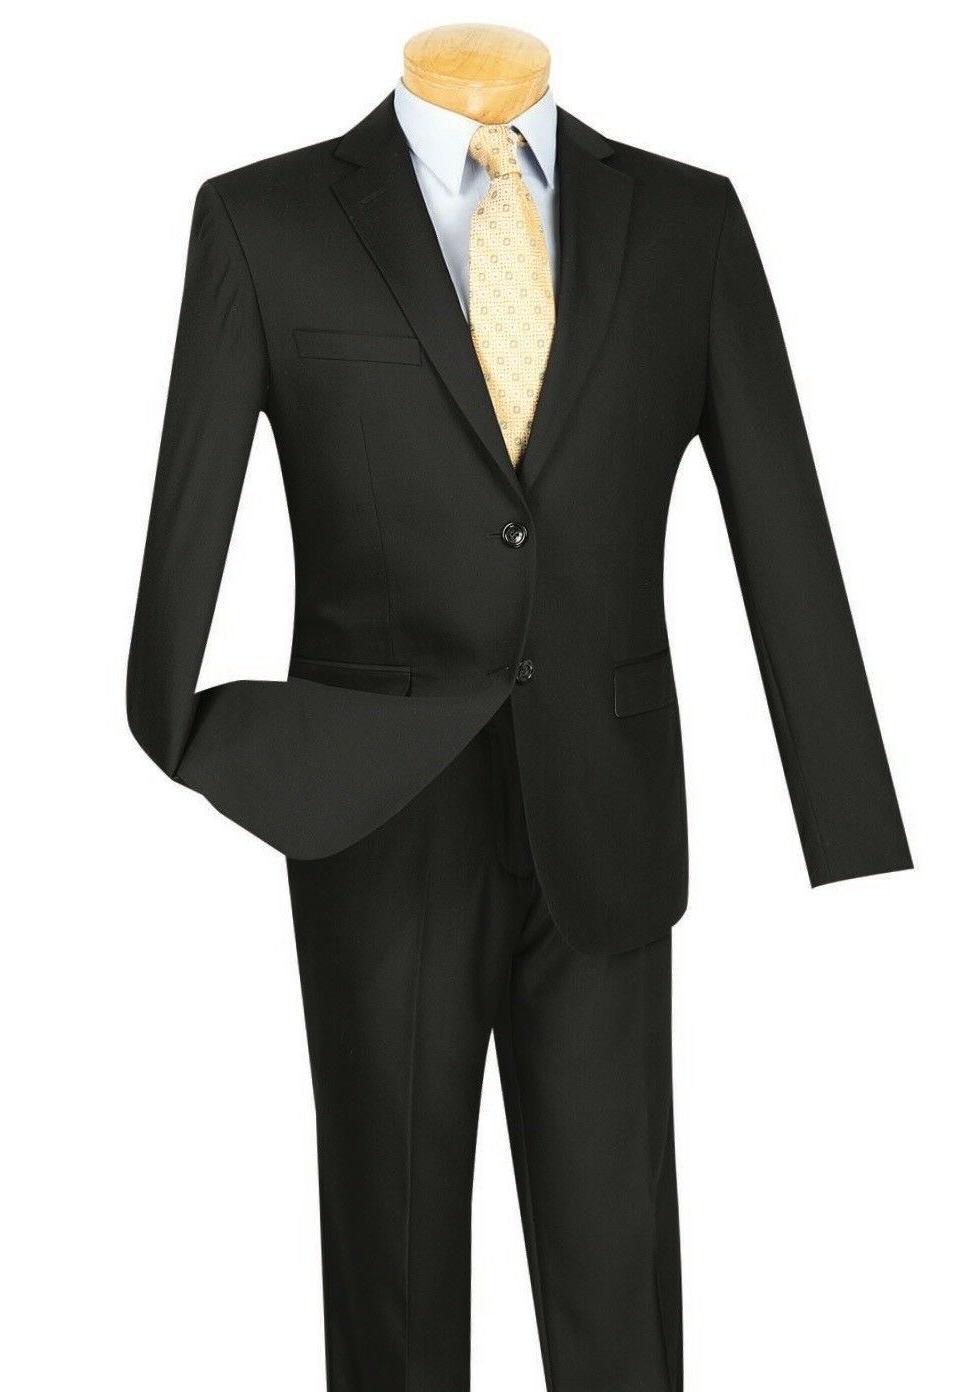 Vinci Men's Black Button Extreme Suit